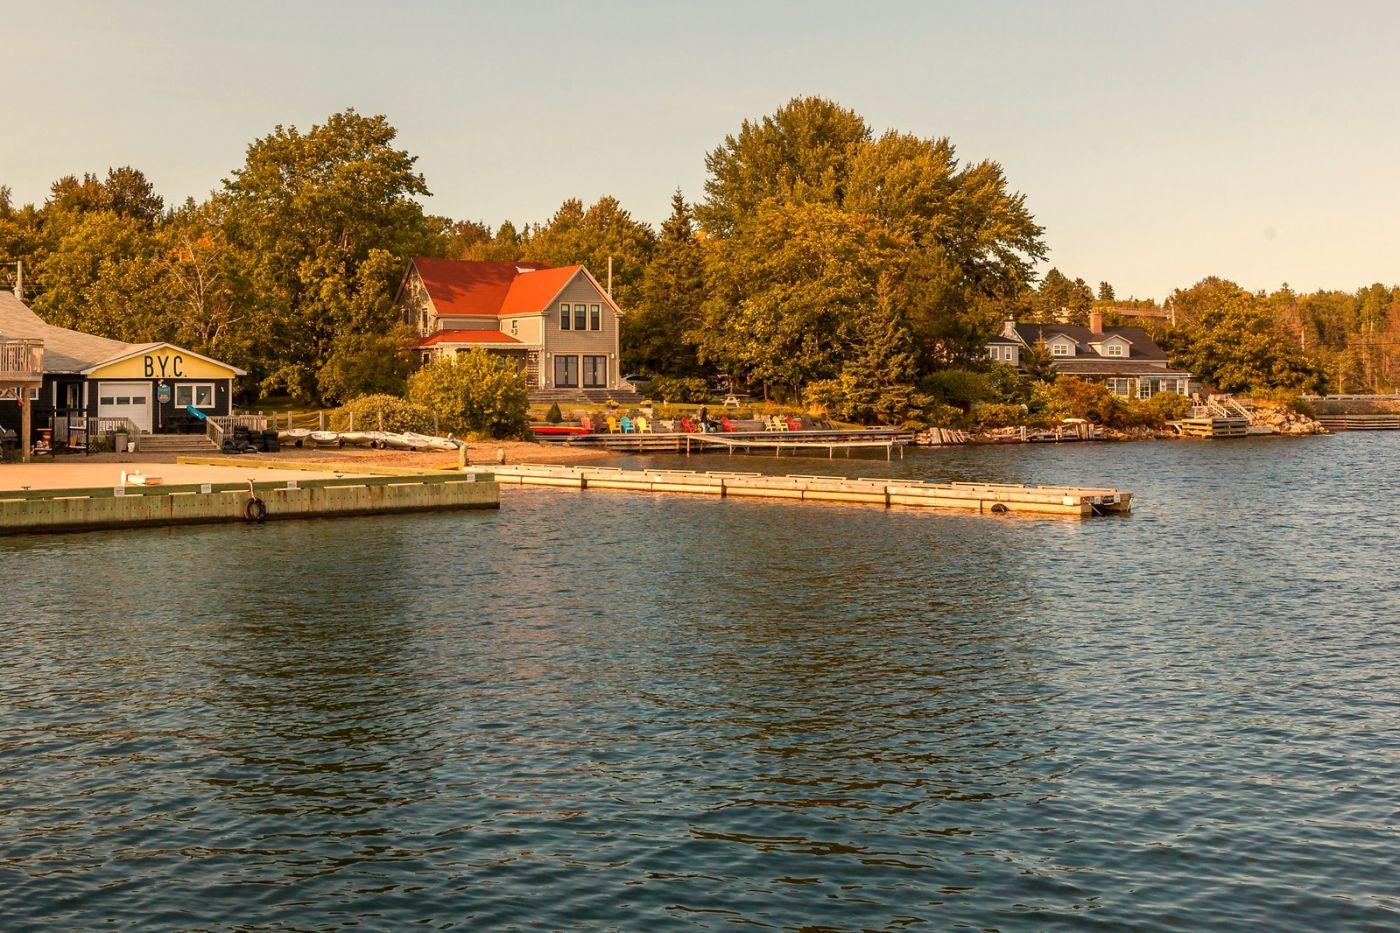 加拿大Nova Scotia, 帆船灯塔老鹰_图1-25